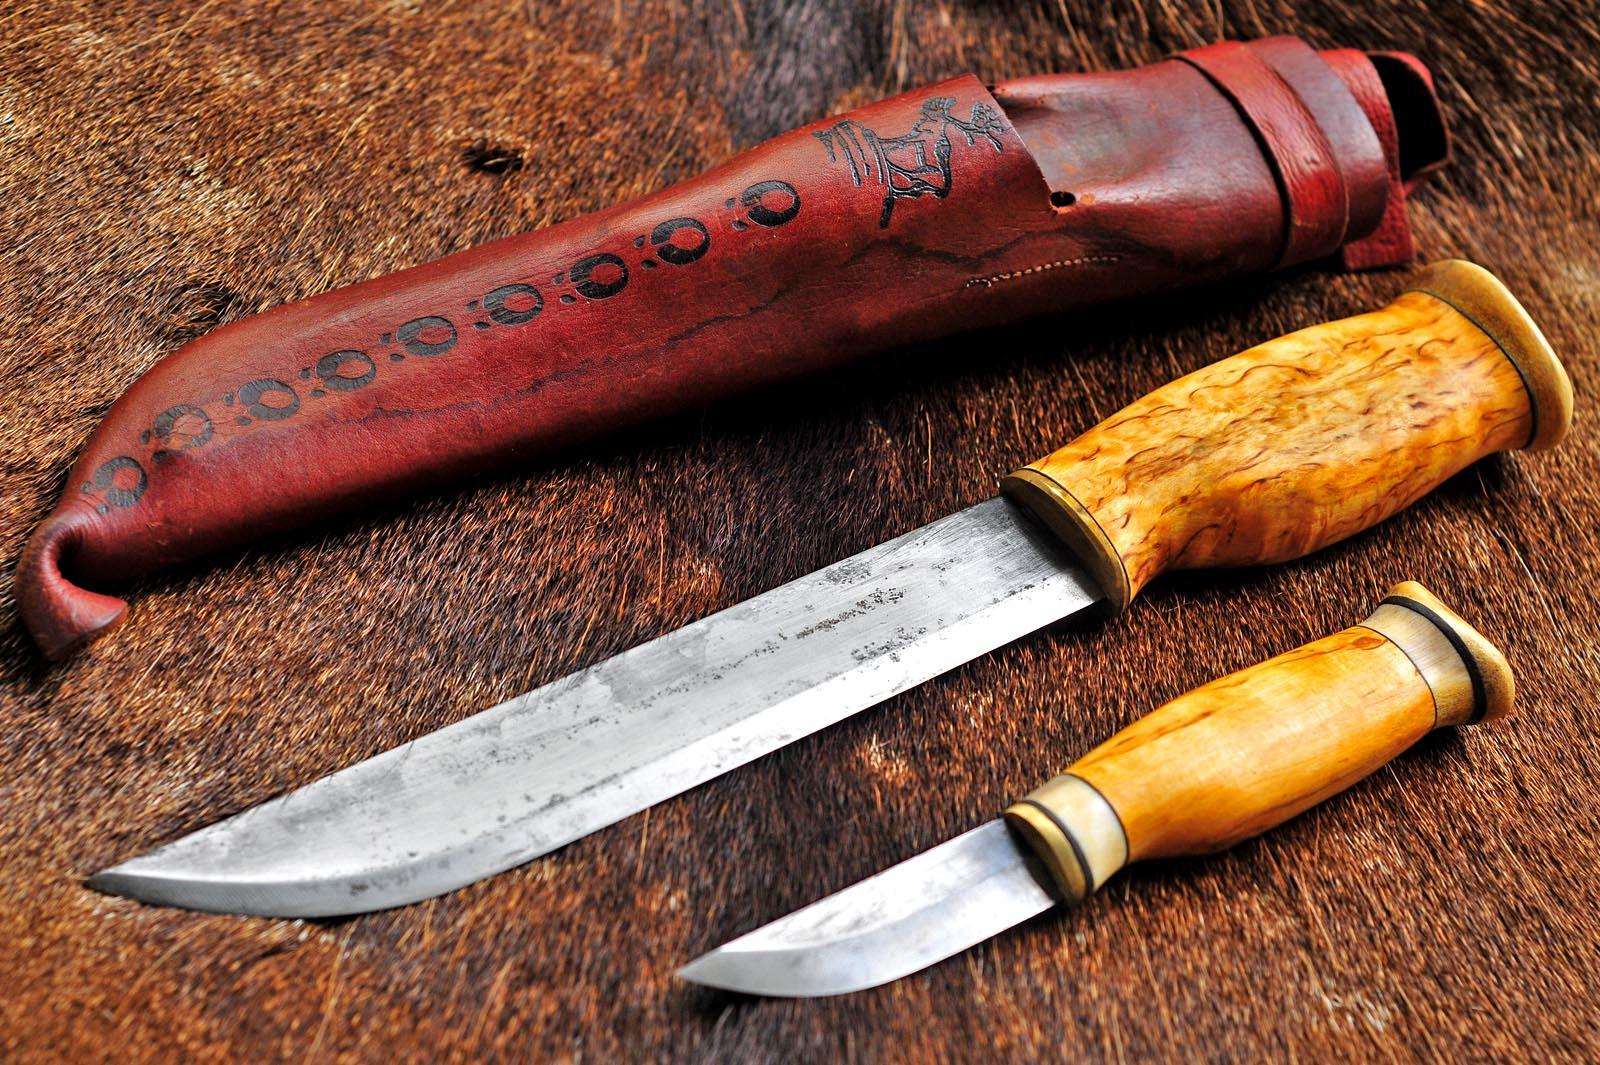 Šesť vecí, ktoré by ste mali vedieť o škandinávskych nožoch